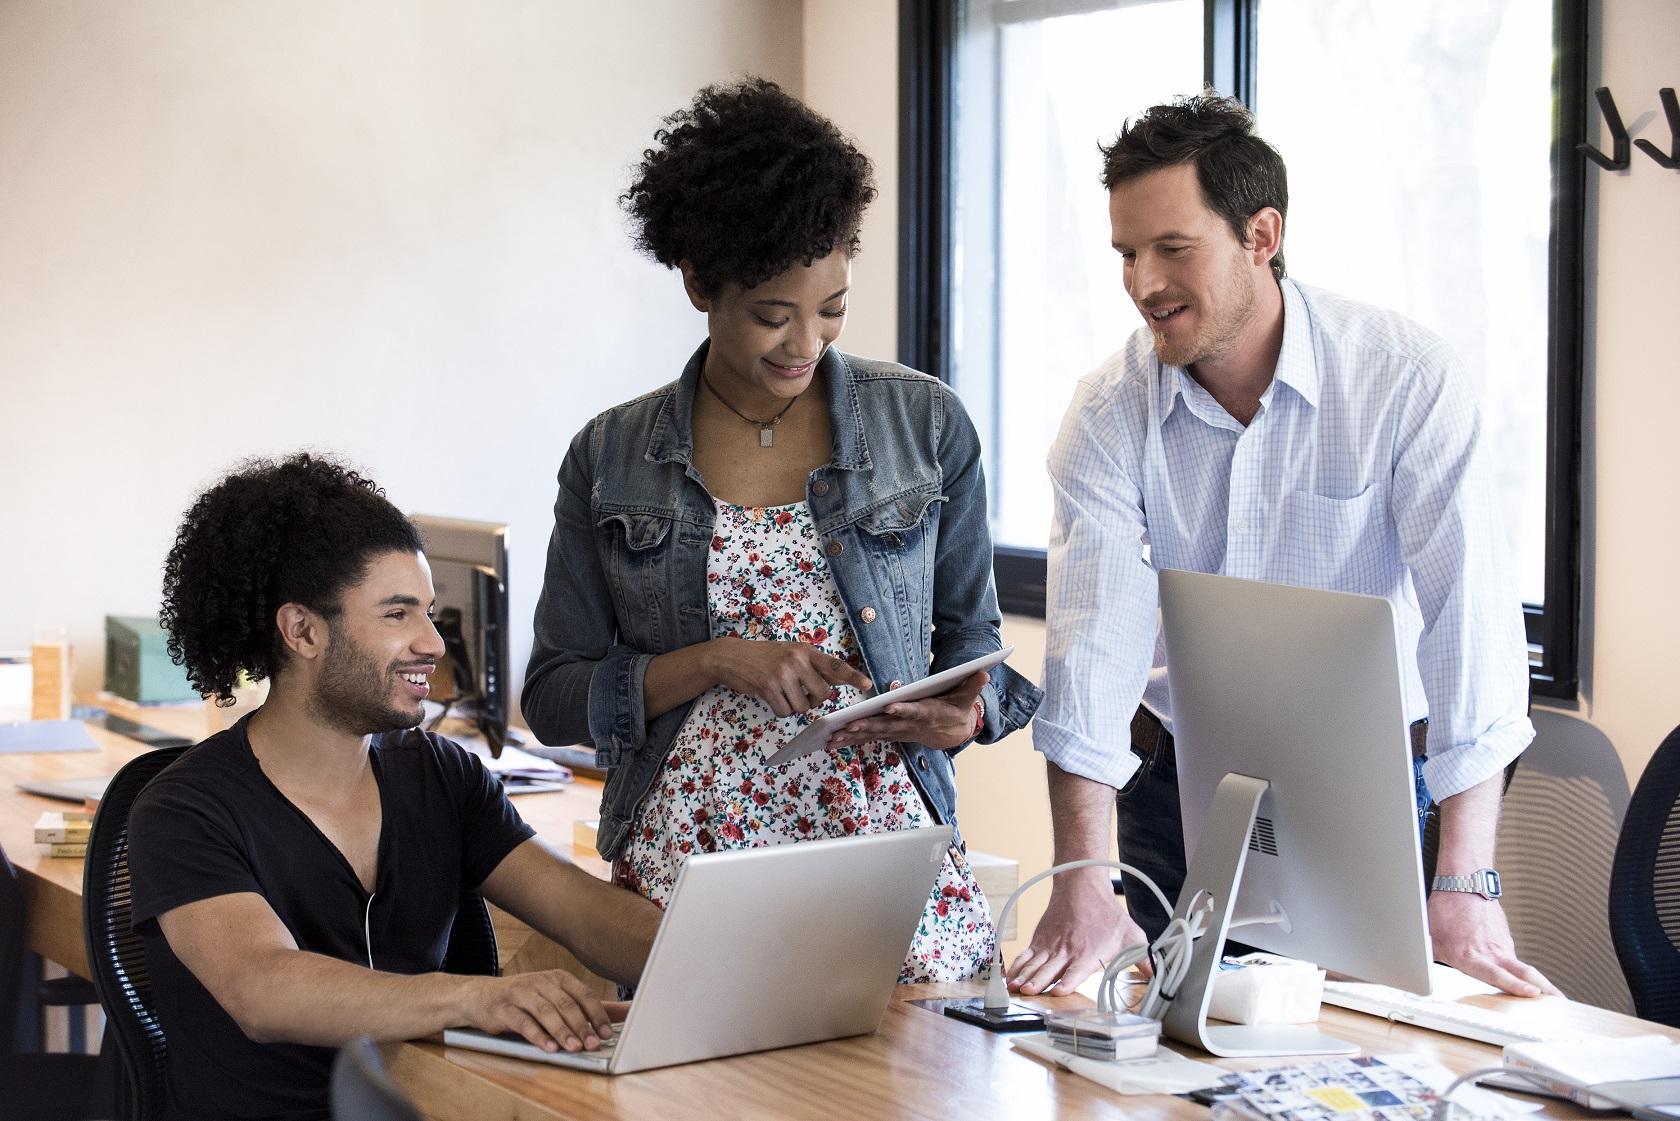 Os Millennials estão mais interessados em experimentar e em trabalhar em ambientes menos burocráticos e hierárquicos. Foto Eric Audras / AltoPress / PhotoAlto